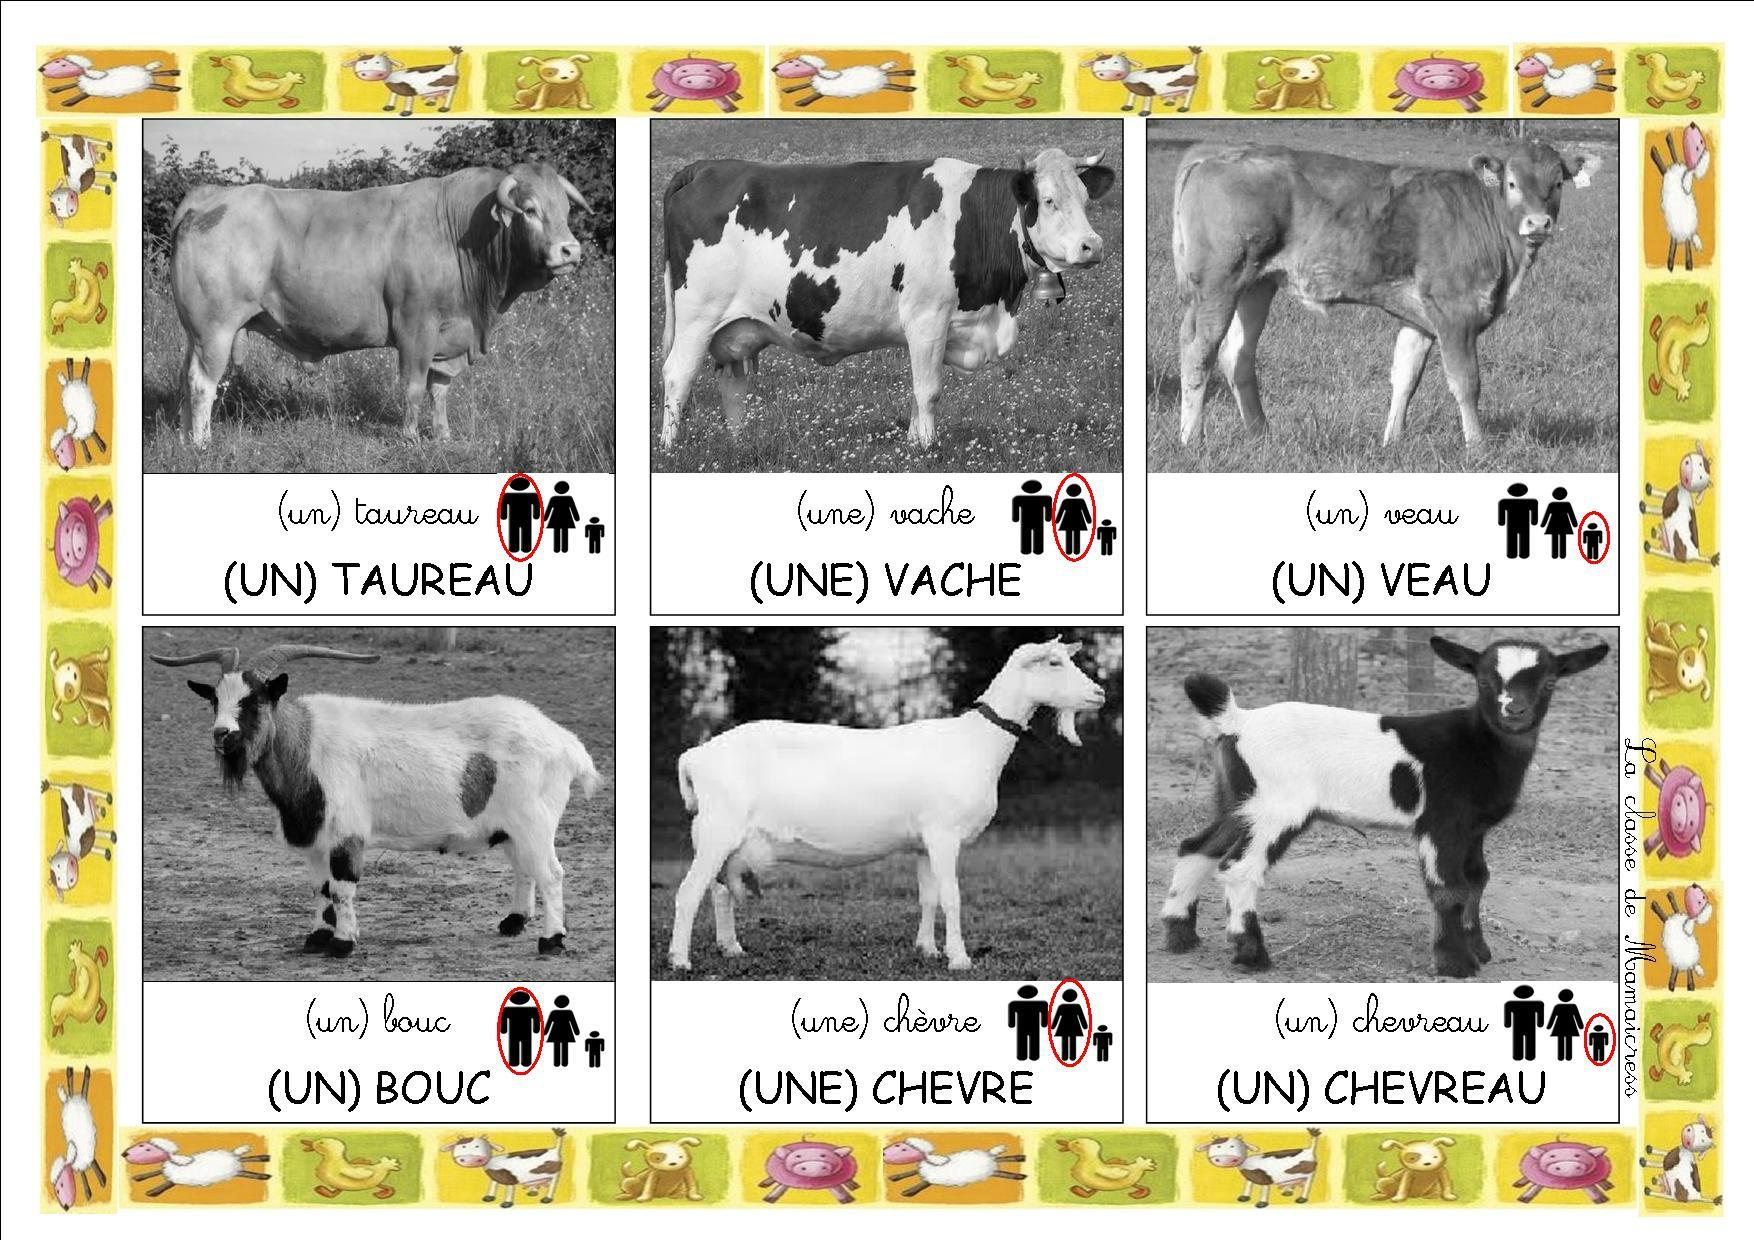 Loto Des Animaux De La Ferme - La Classe De Mamaicress à Jeux D Animaux De La Ferme